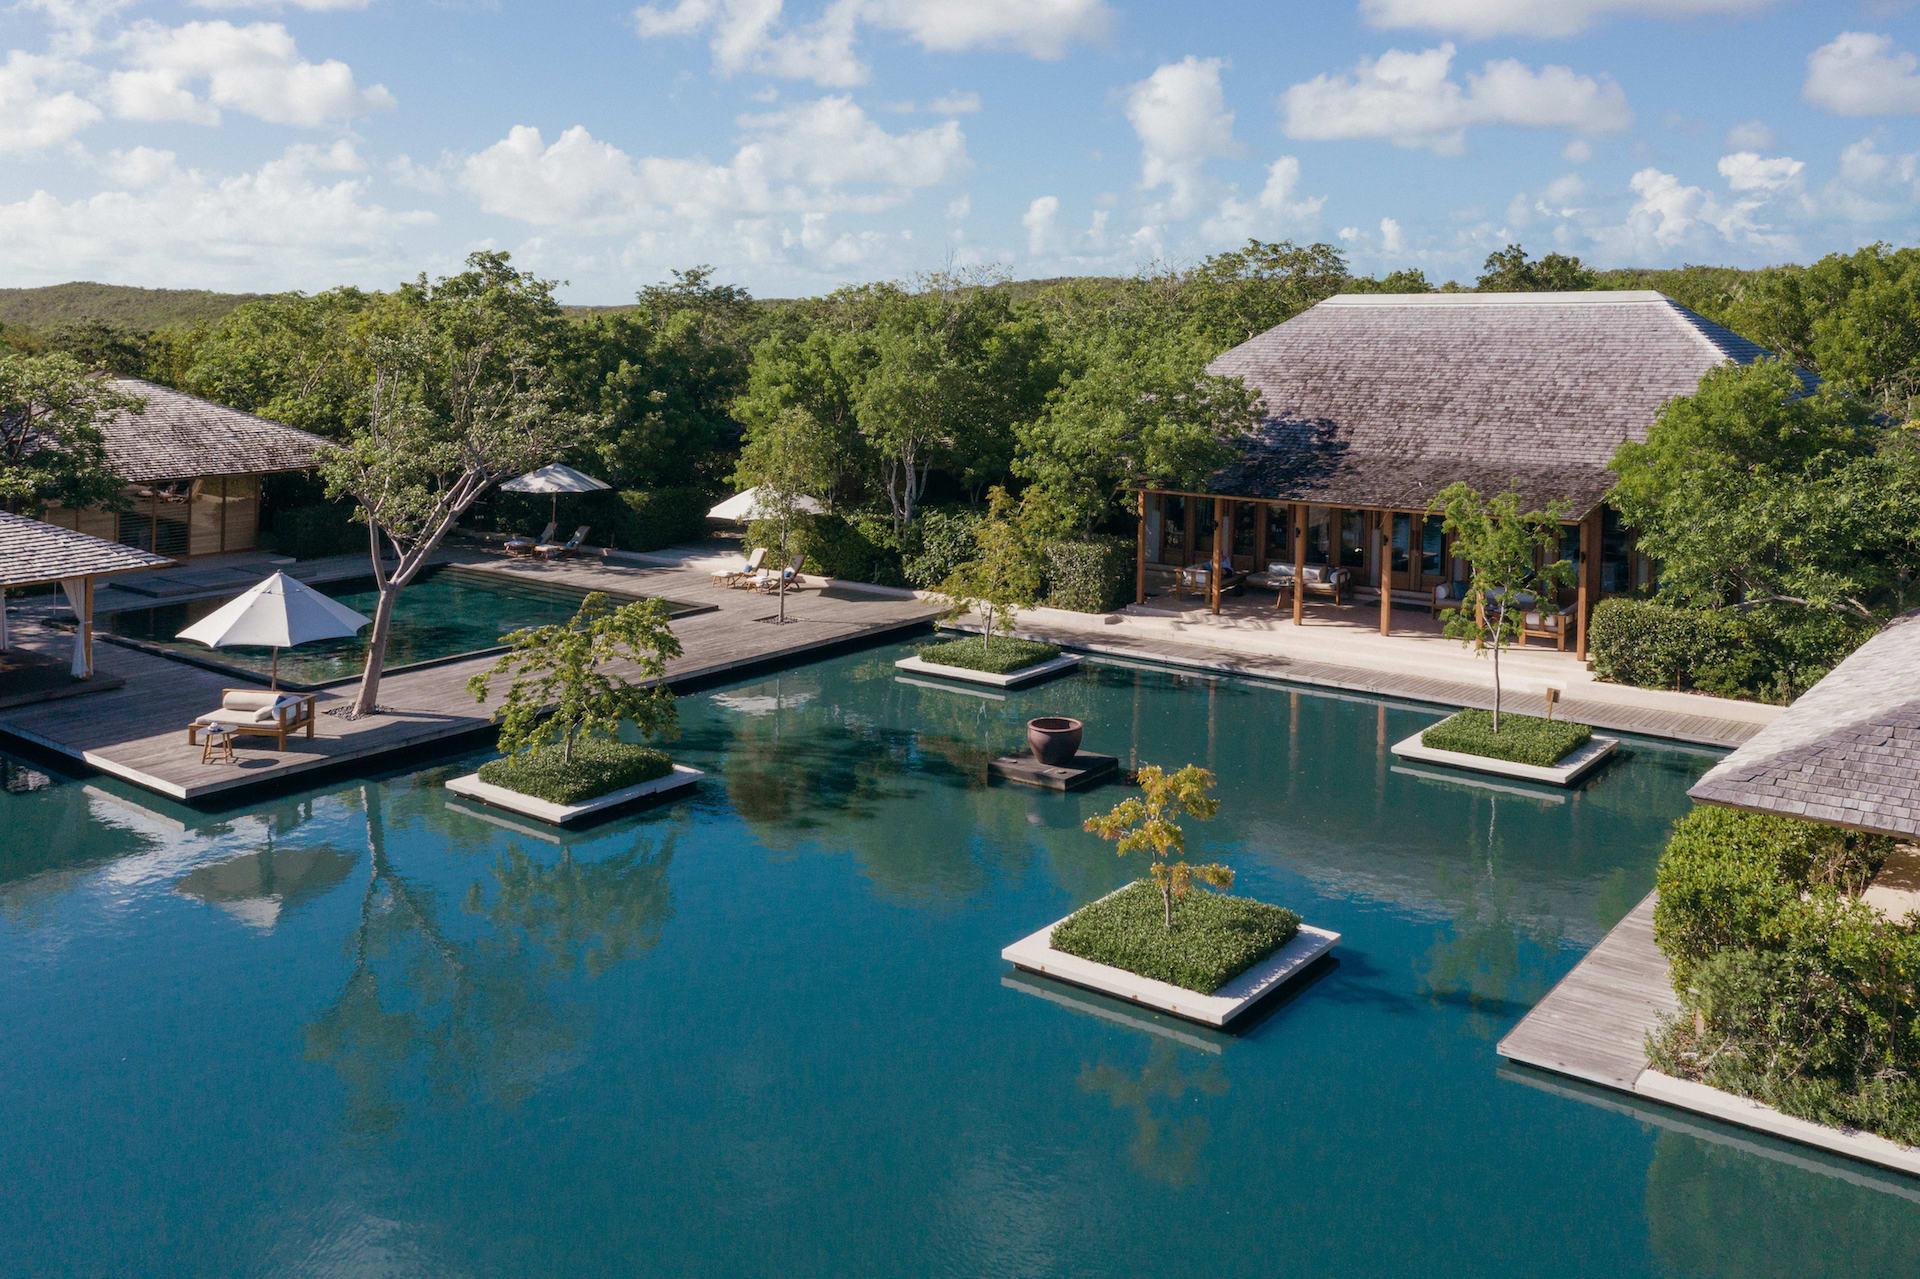 Aman eröffnet neues Luxushotel in Miami Beach 8